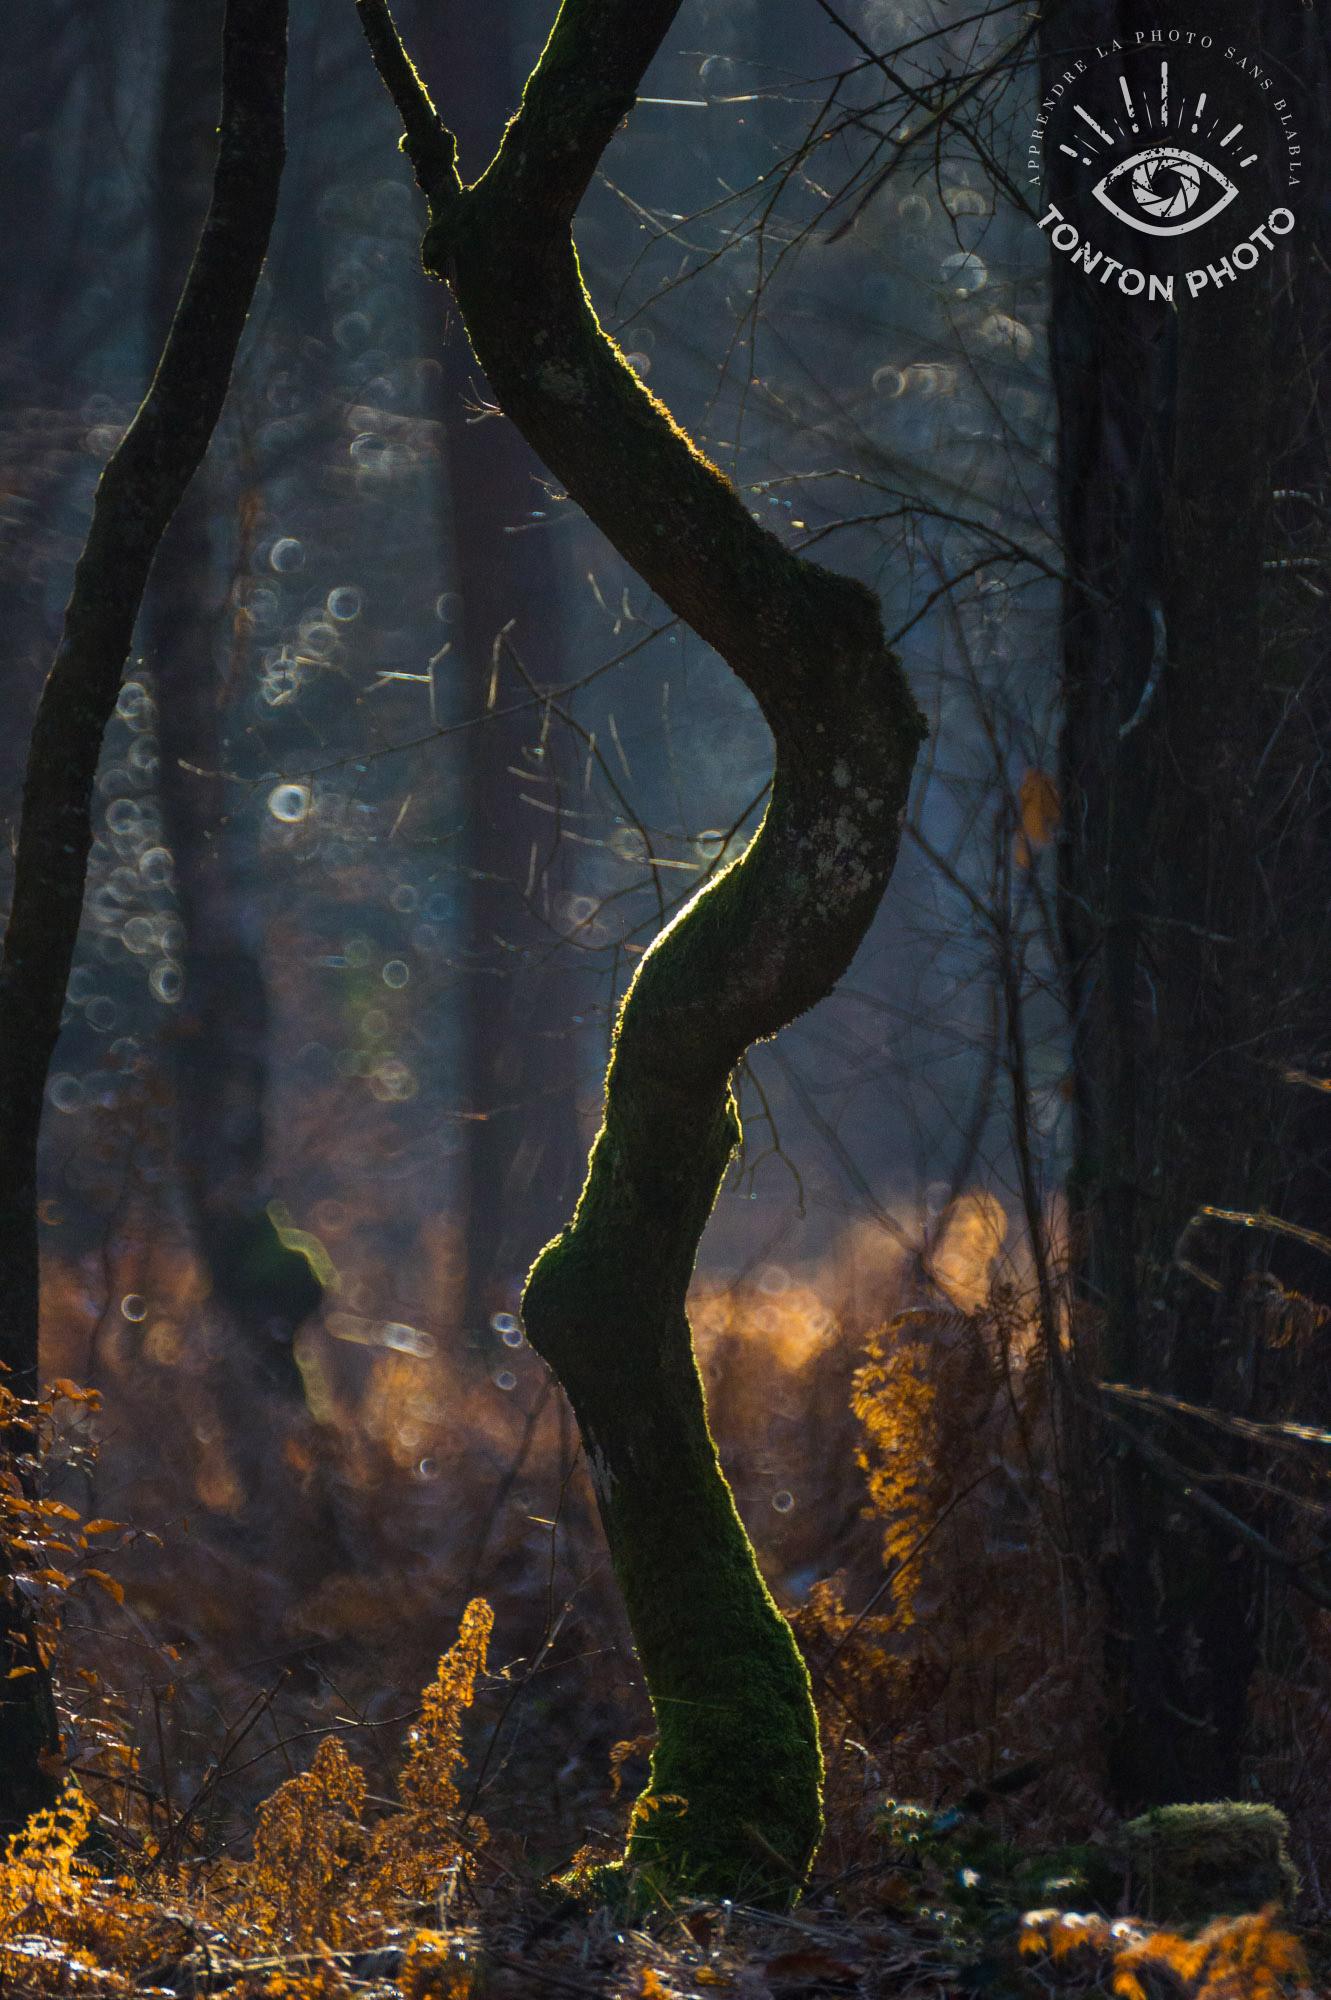 Lumière d'automne. Photo prise avec le télé-objectif Samyang 500mm f/6.3 MC IF © Tonton Photo